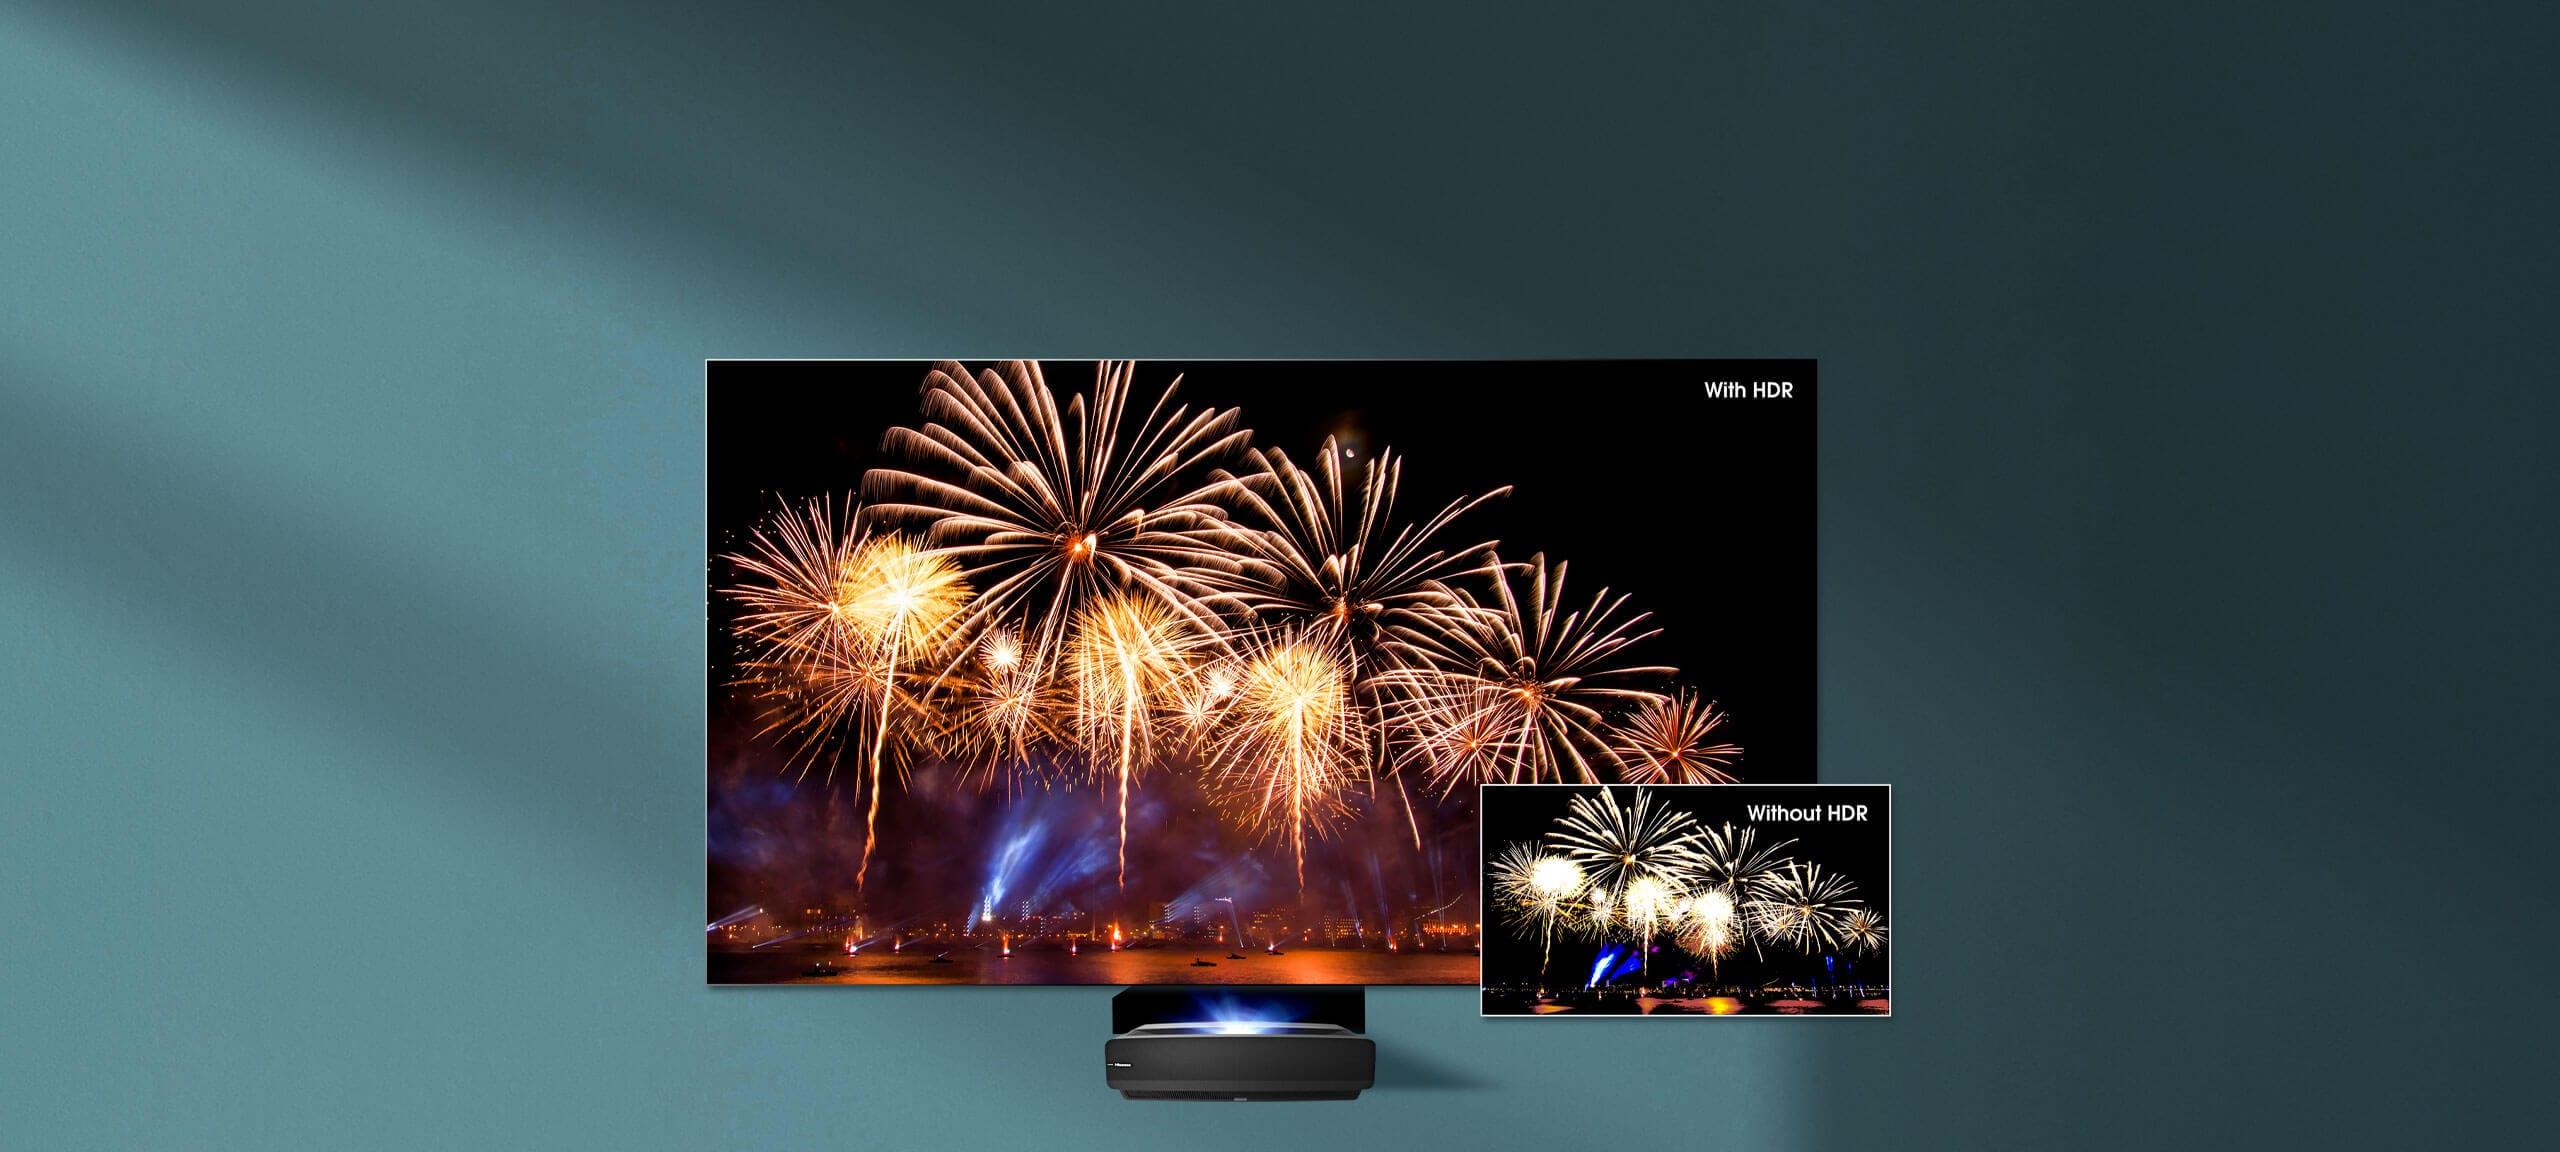 3.-HDR-Enhances-Details-Dubai-fireworks